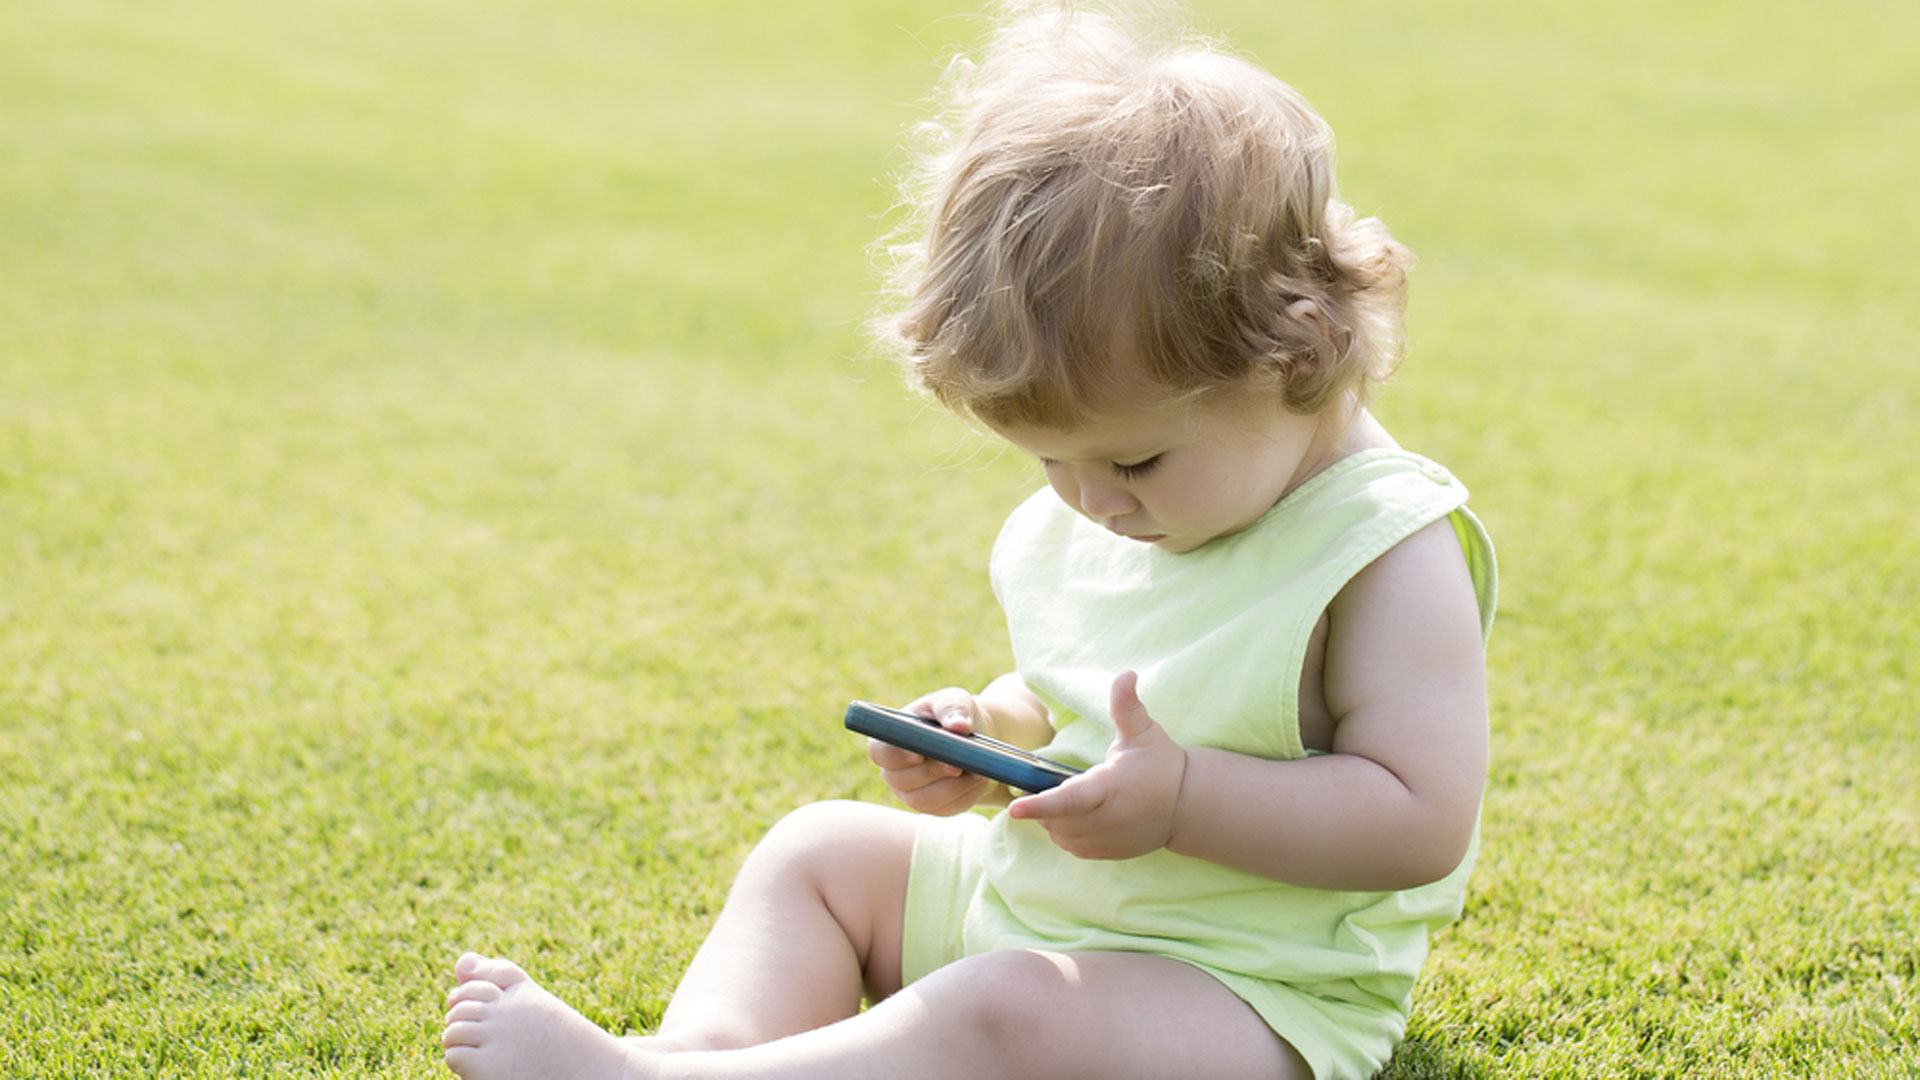 Se recomienda que los niños pequeños no utilicen demasiado los teléfonos móviles (Shutterstock)